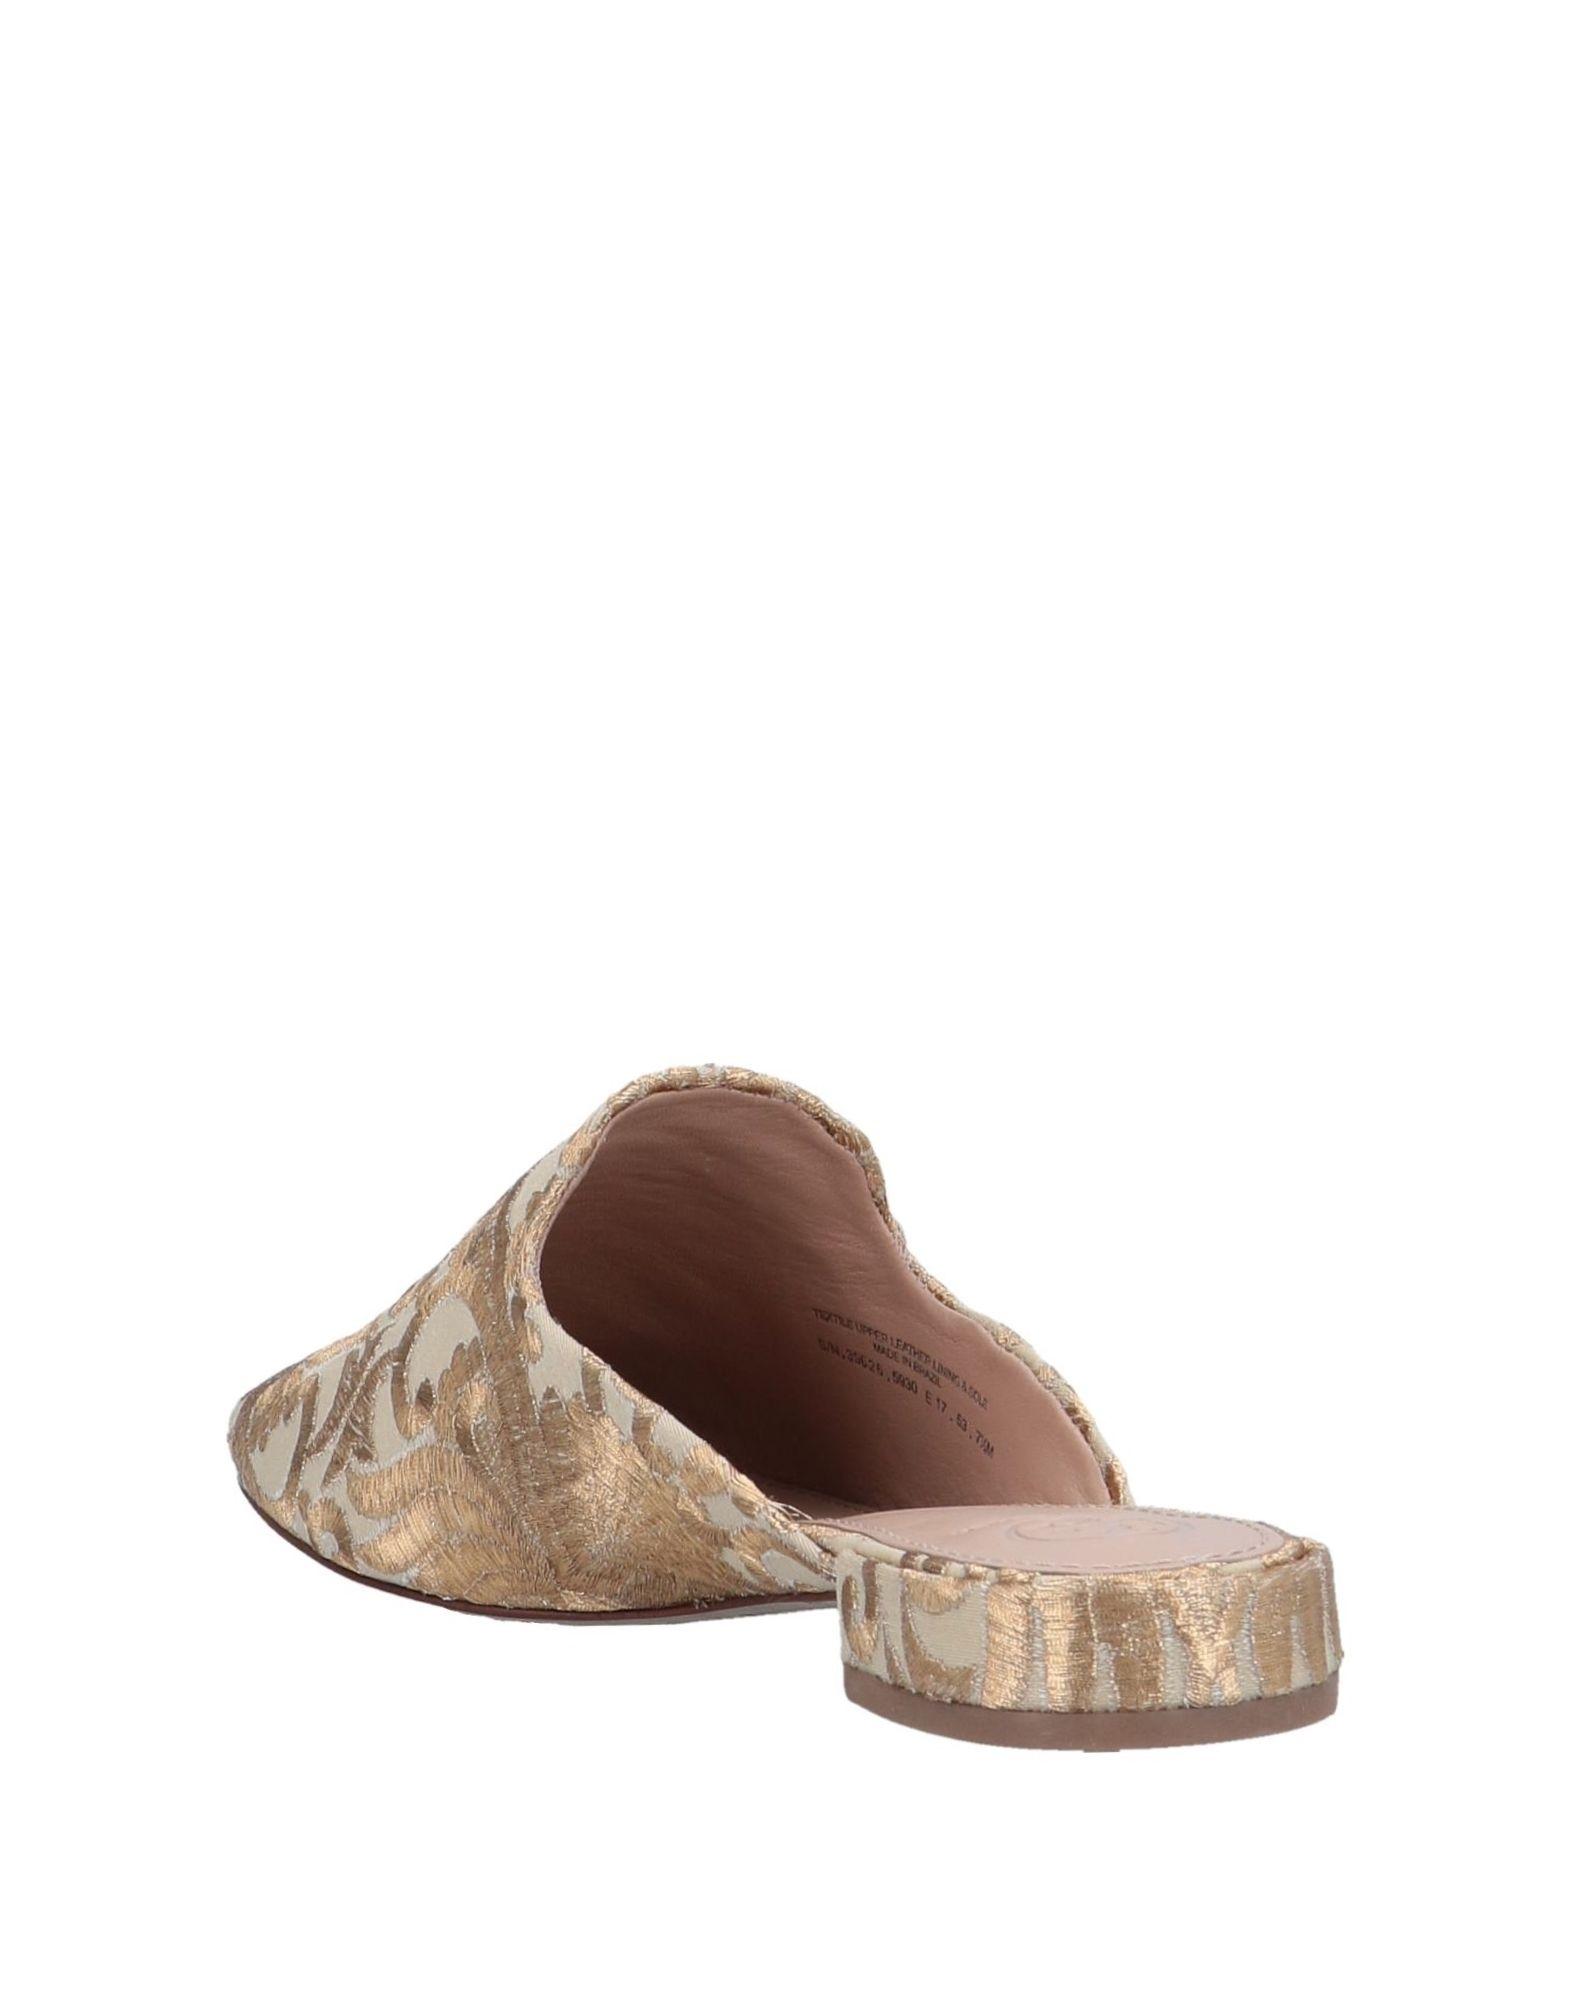 Rabatt  Schuhe Tory Burch Pantoletten Damen  Rabatt 11576217CA 0dcd29